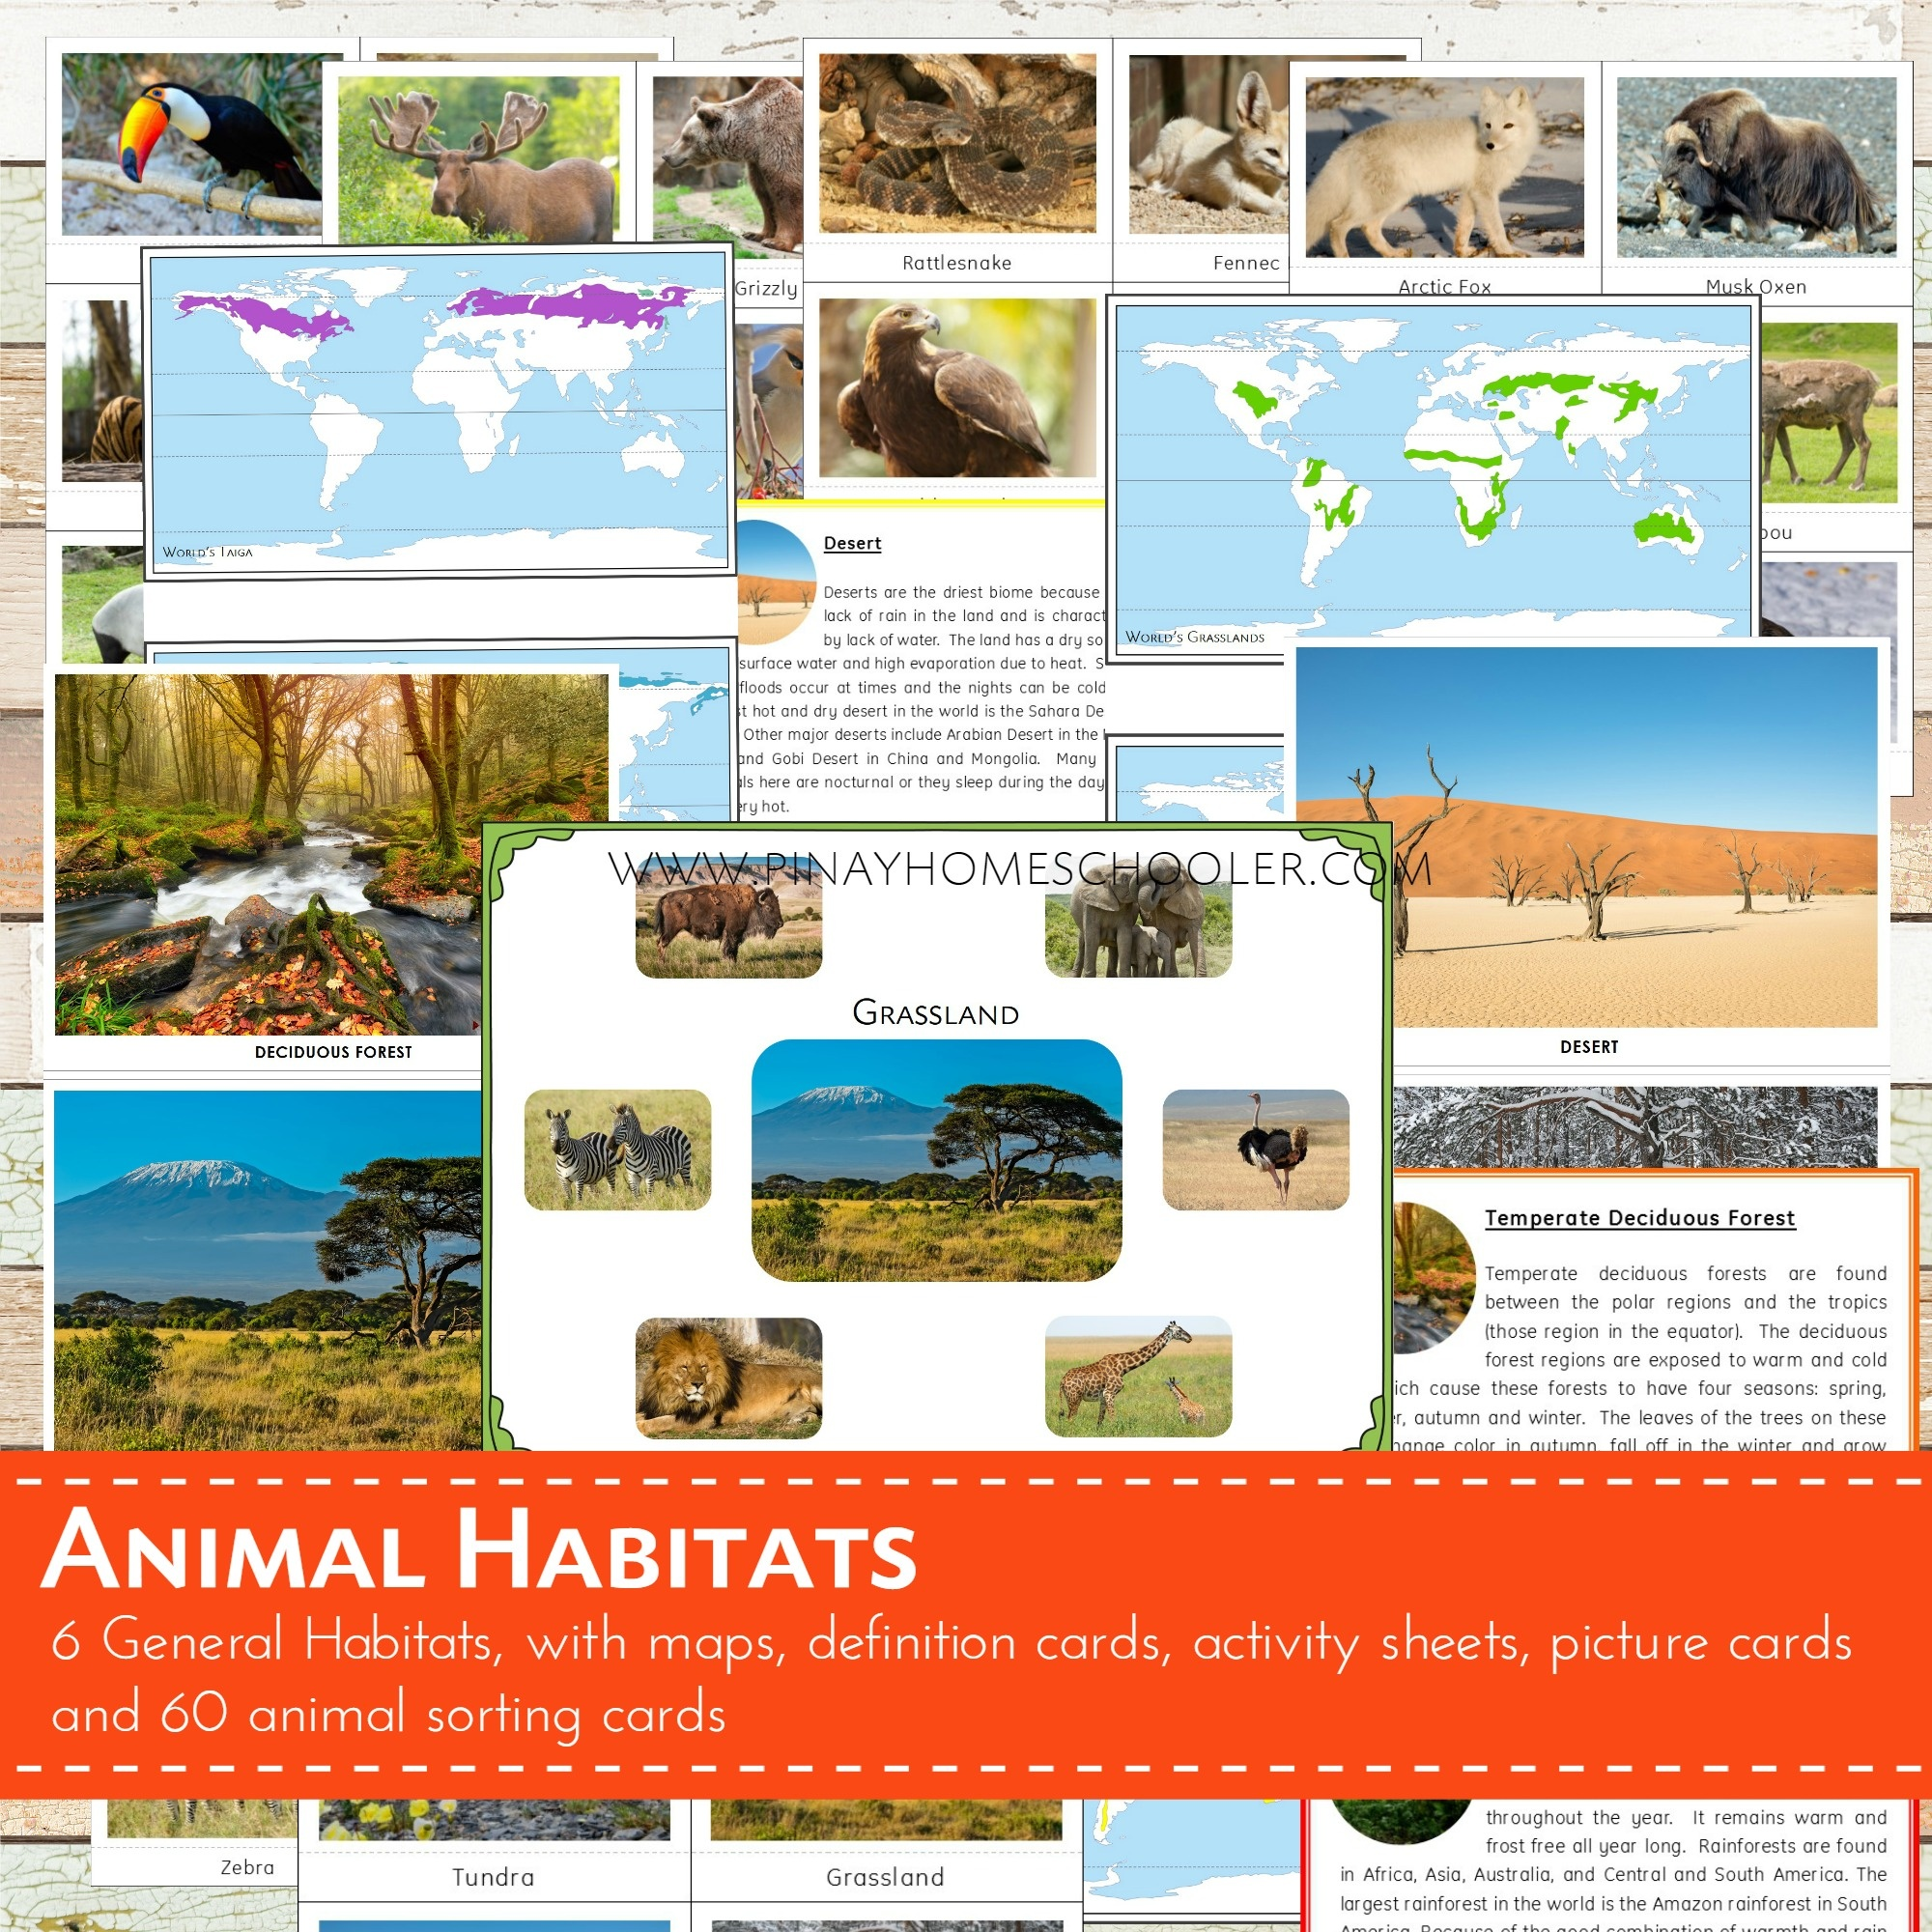 Animal Habitats Sorting Cards